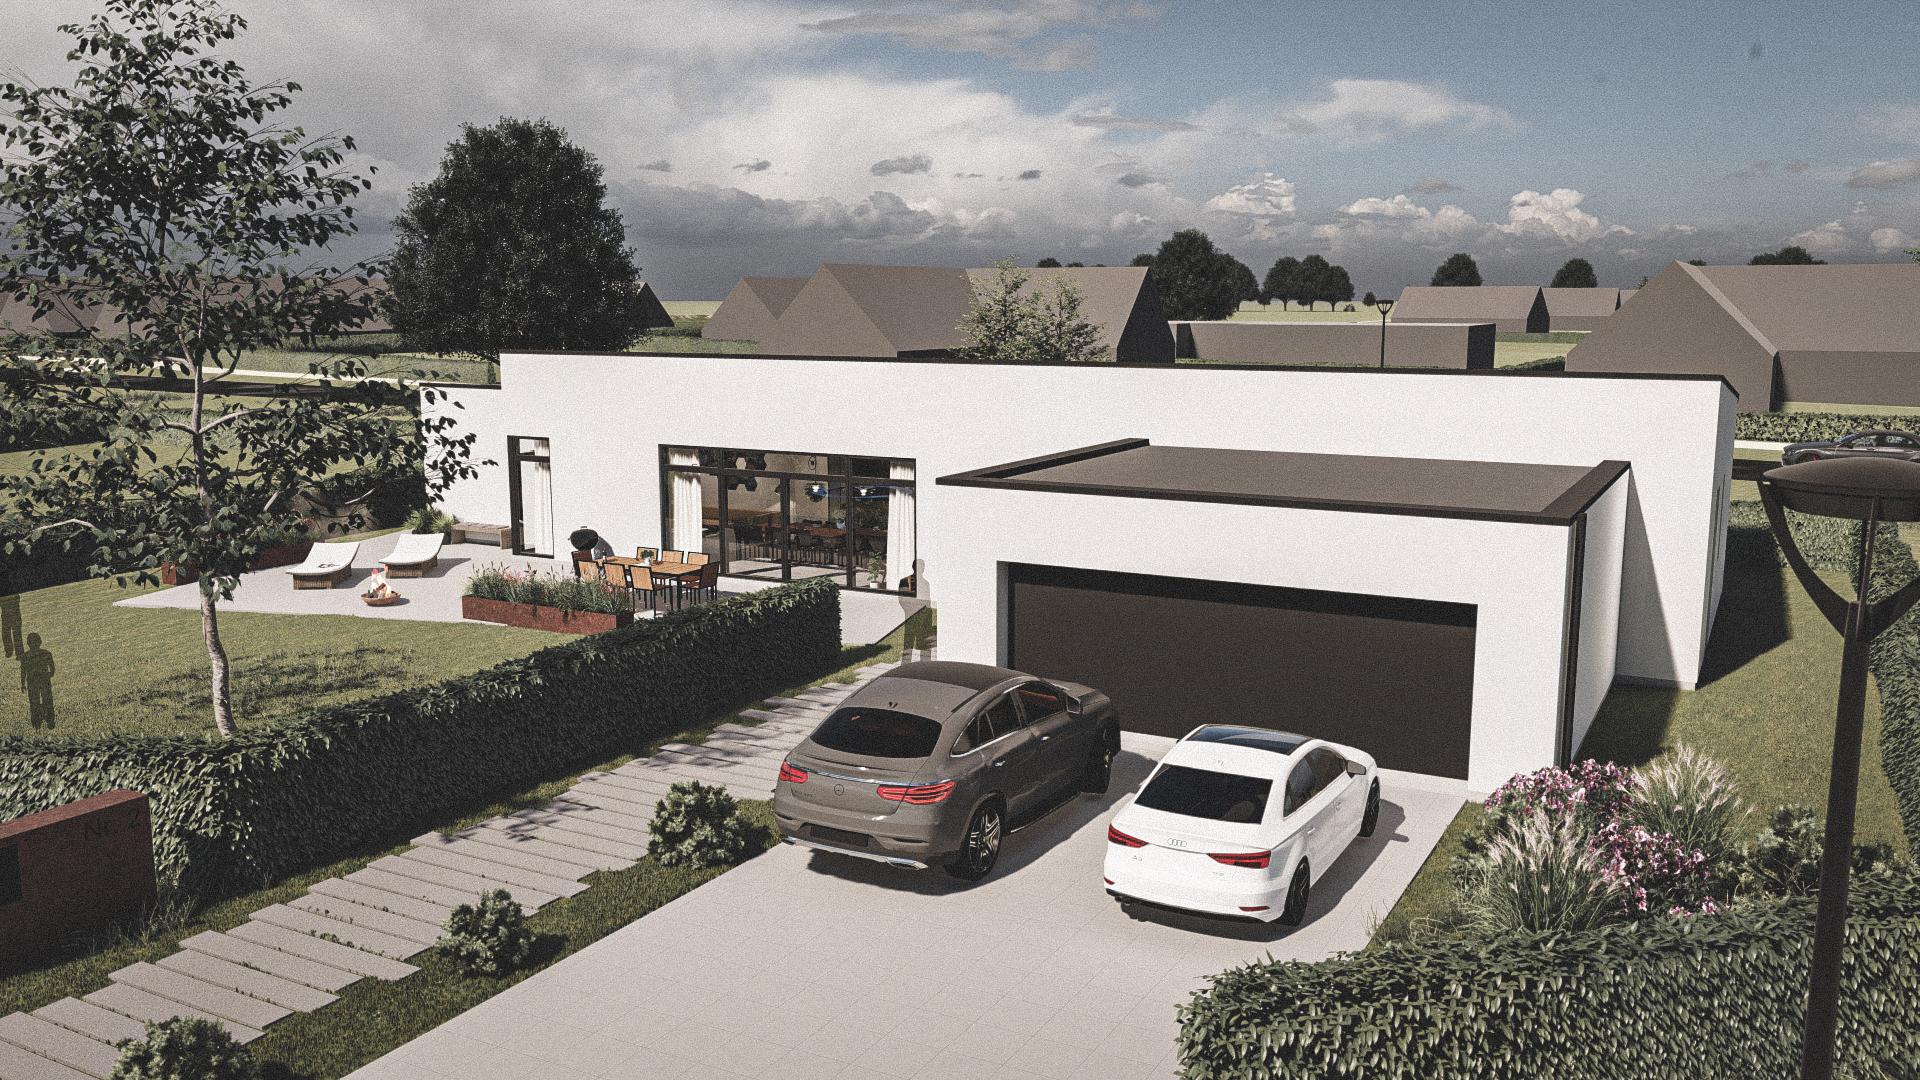 Billede af et arkitekt tegnet projektforslag af ny drømme villa i Nykøbing Falster, af det danske arkitektfirma m2plus